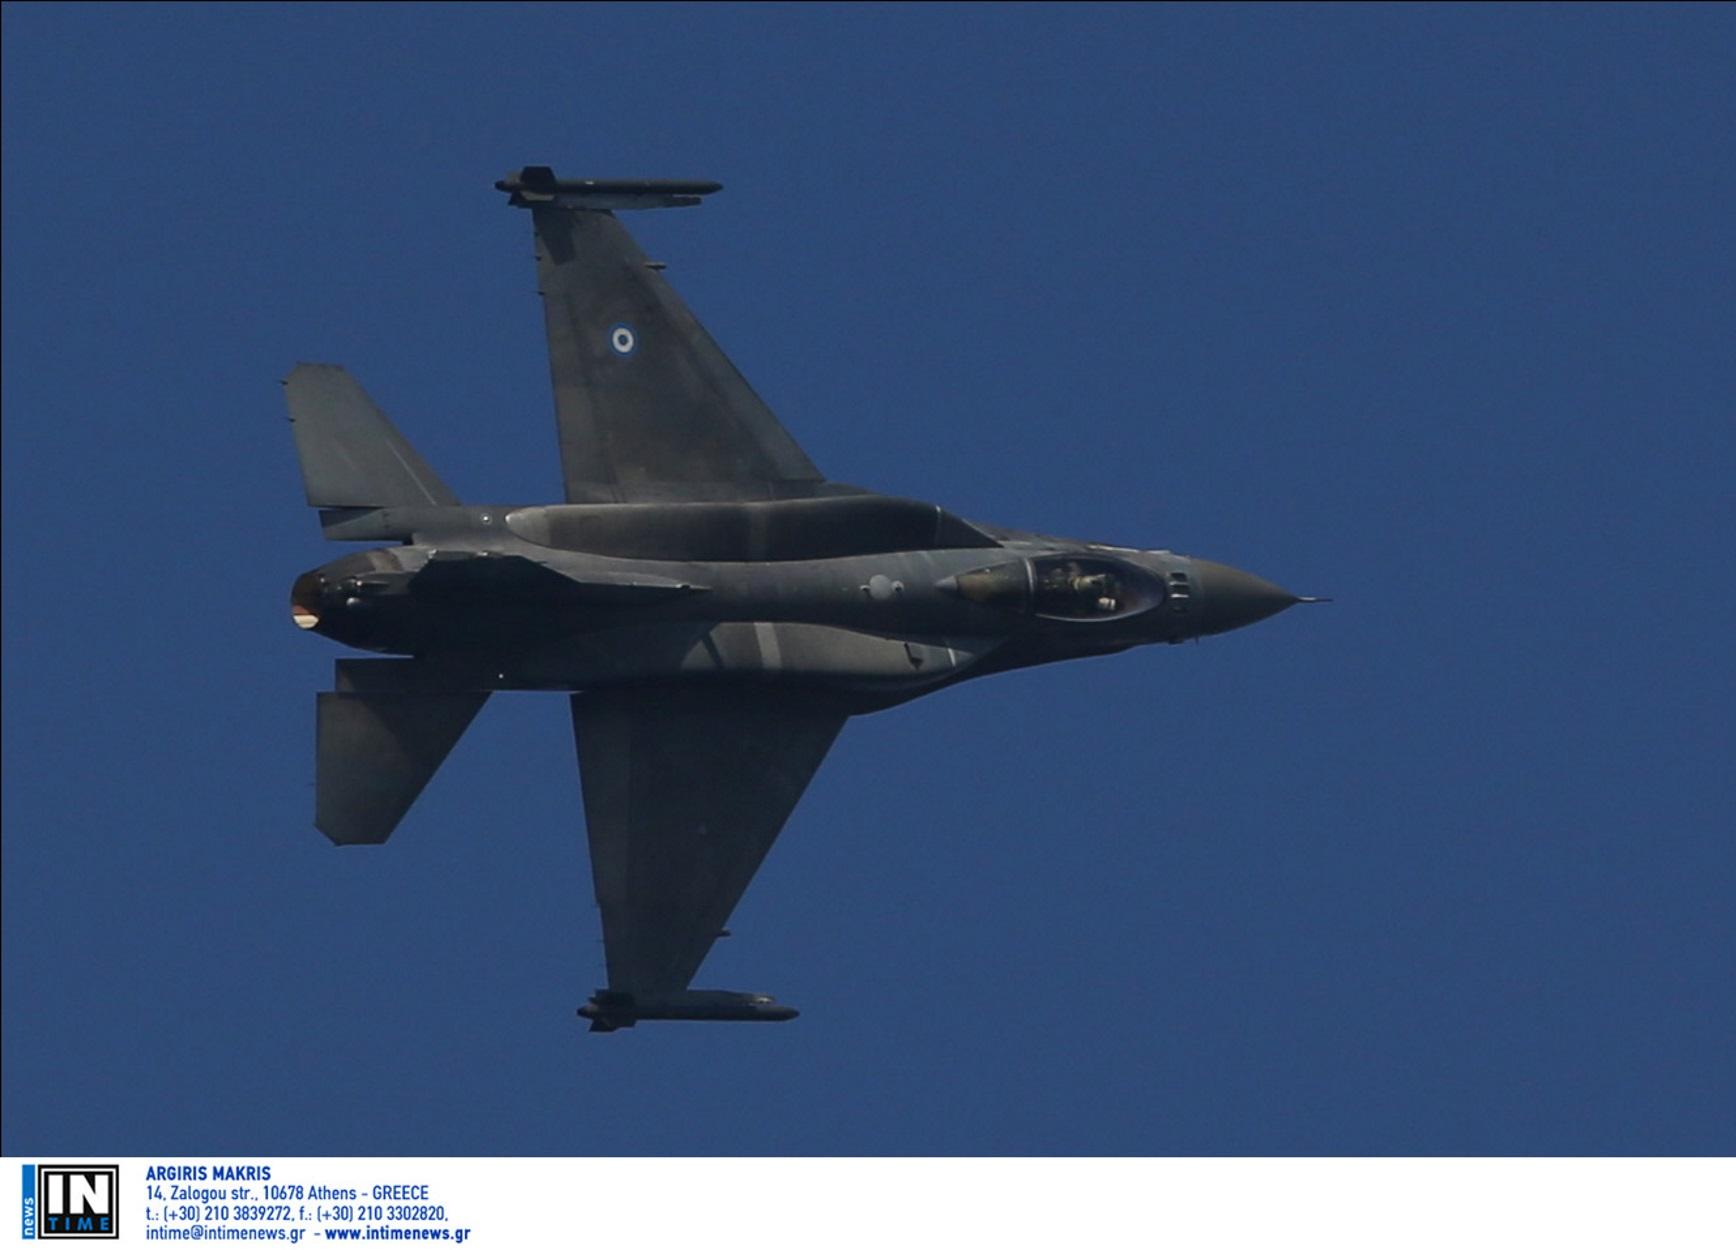 Κατατέθηκε το νομοσχέδιο για τον εκσυγχρονισμό των F-16